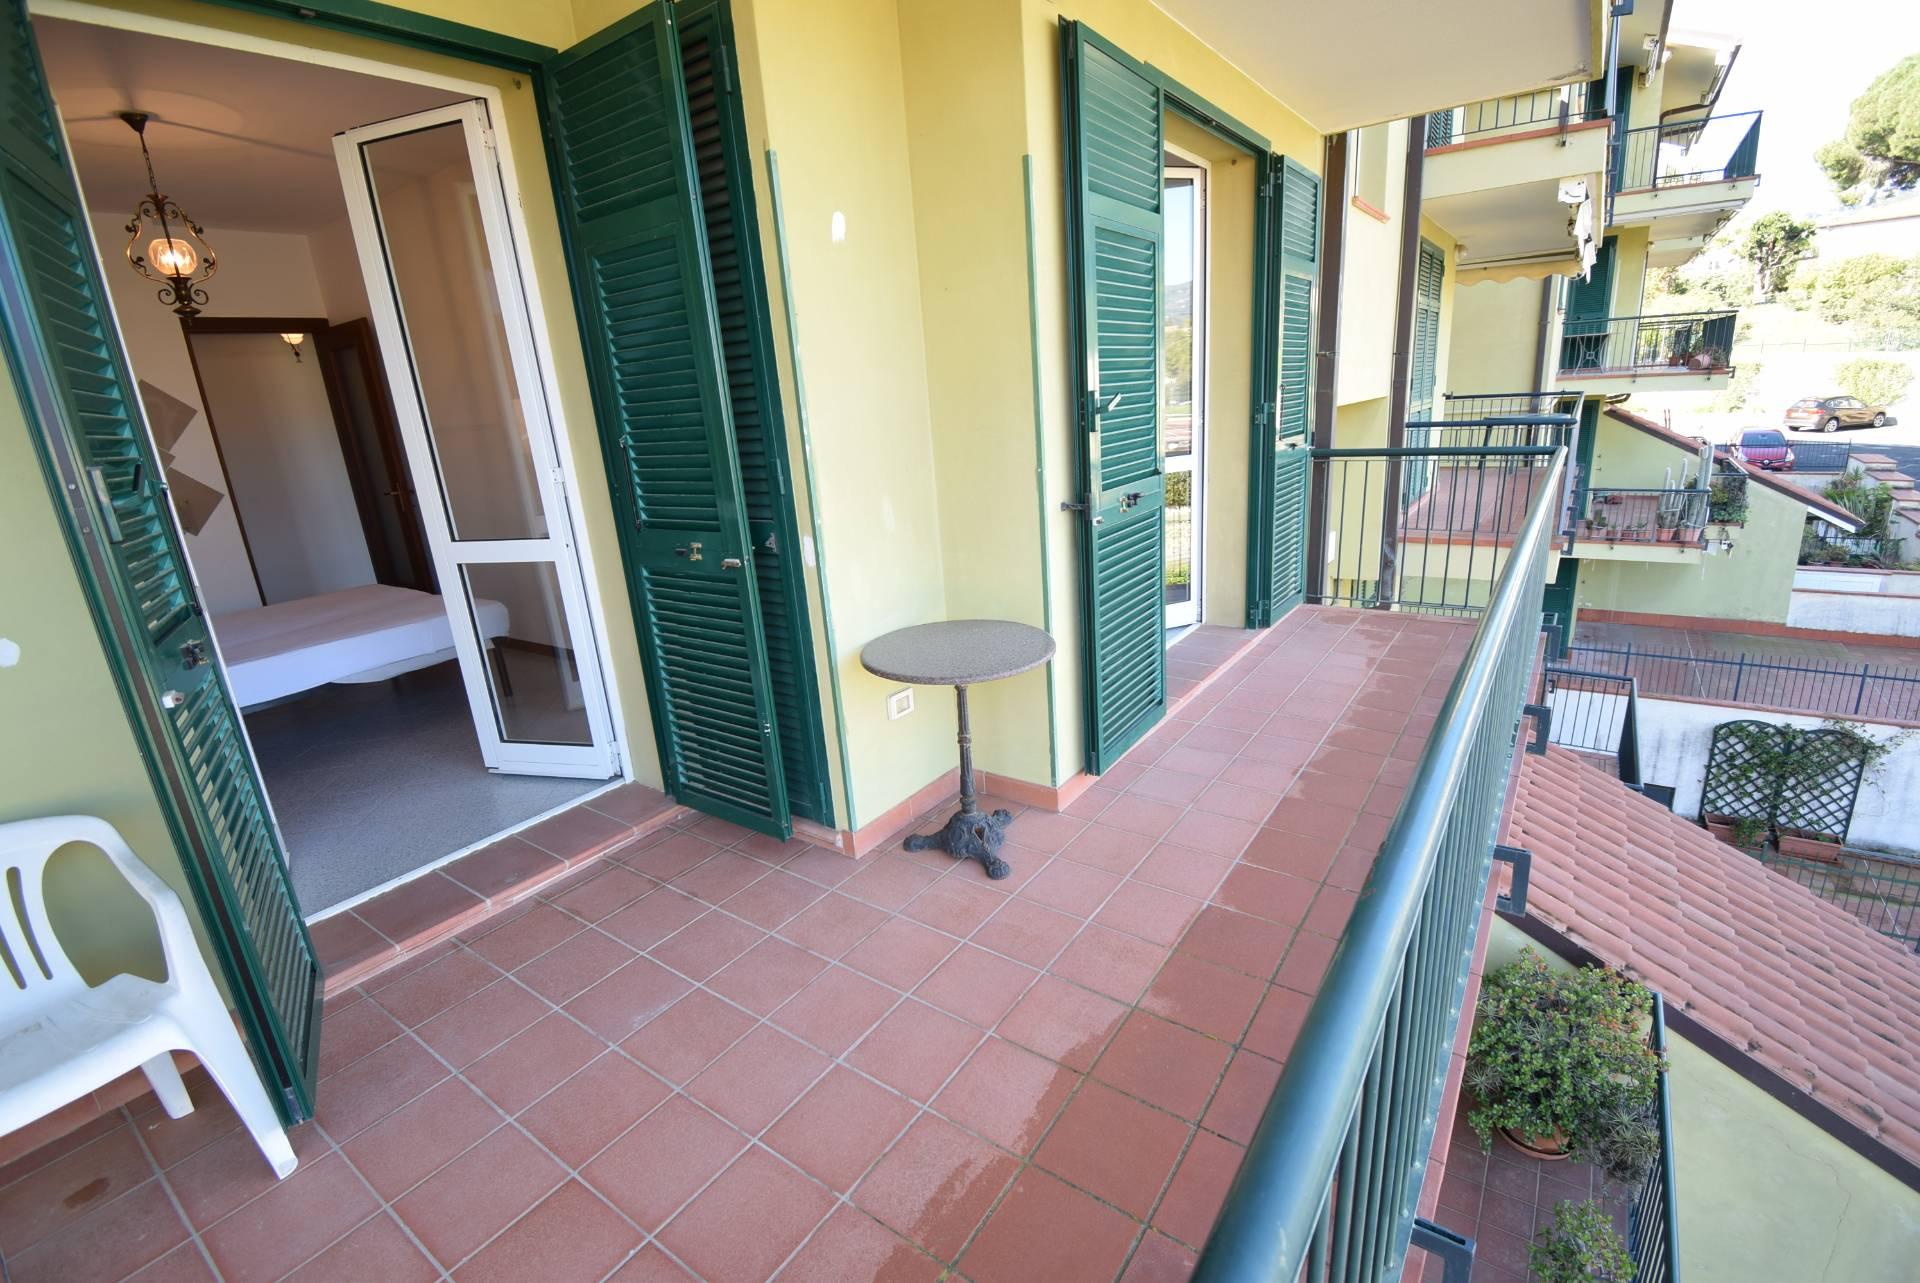 Appartamento in affitto a Diano Marina, 2 locali, prezzo € 550   PortaleAgenzieImmobiliari.it